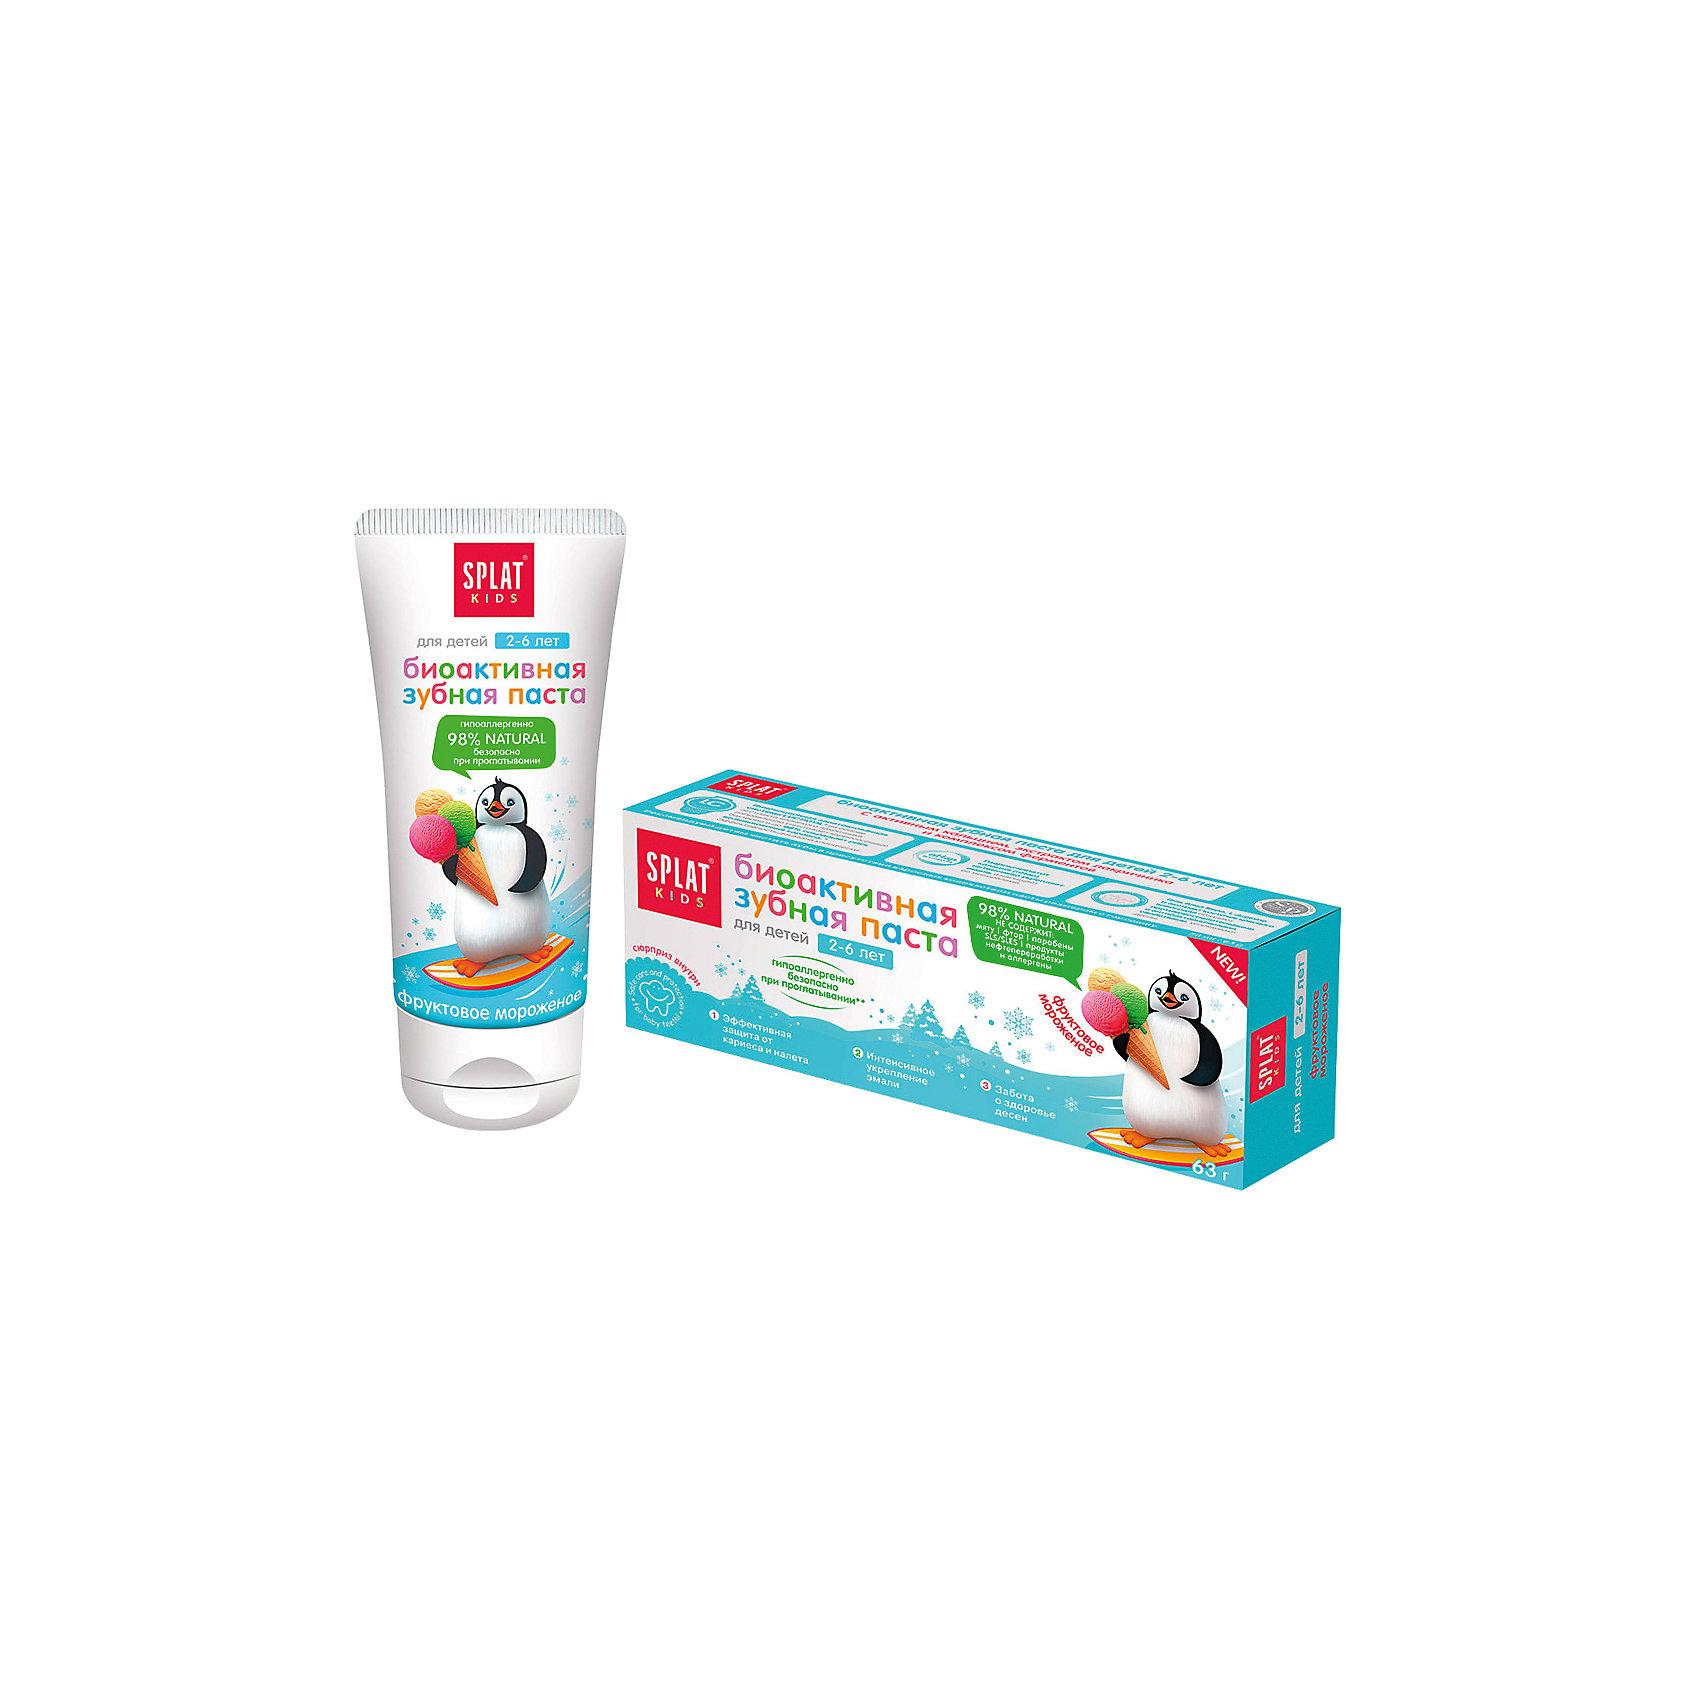 Натуральная зубная паста для детей от 2 до 6 лет, Splat Kids, фруктовое мороженоеЭффективная, натуральная и безопасная при проглатывании детская зубная паста для нежной защиты от кариеса и интенсивного укрепления эмали, заботы о здоровье десен. Помогает в игровой форме научить ребенка чистить зубы просто и весело.Инновационная, защищенная патентом система LUCTATOL®, на основе экстракта лакричника и молочных ферментов уничтожает кариесогенные бактерии и блокирует их дальнейшее развитие.<br><br>Ширина мм: 140<br>Глубина мм: 53<br>Высота мм: 40<br>Вес г: 83<br>Возраст от месяцев: 24<br>Возраст до месяцев: 72<br>Пол: Унисекс<br>Возраст: Детский<br>SKU: 4796728